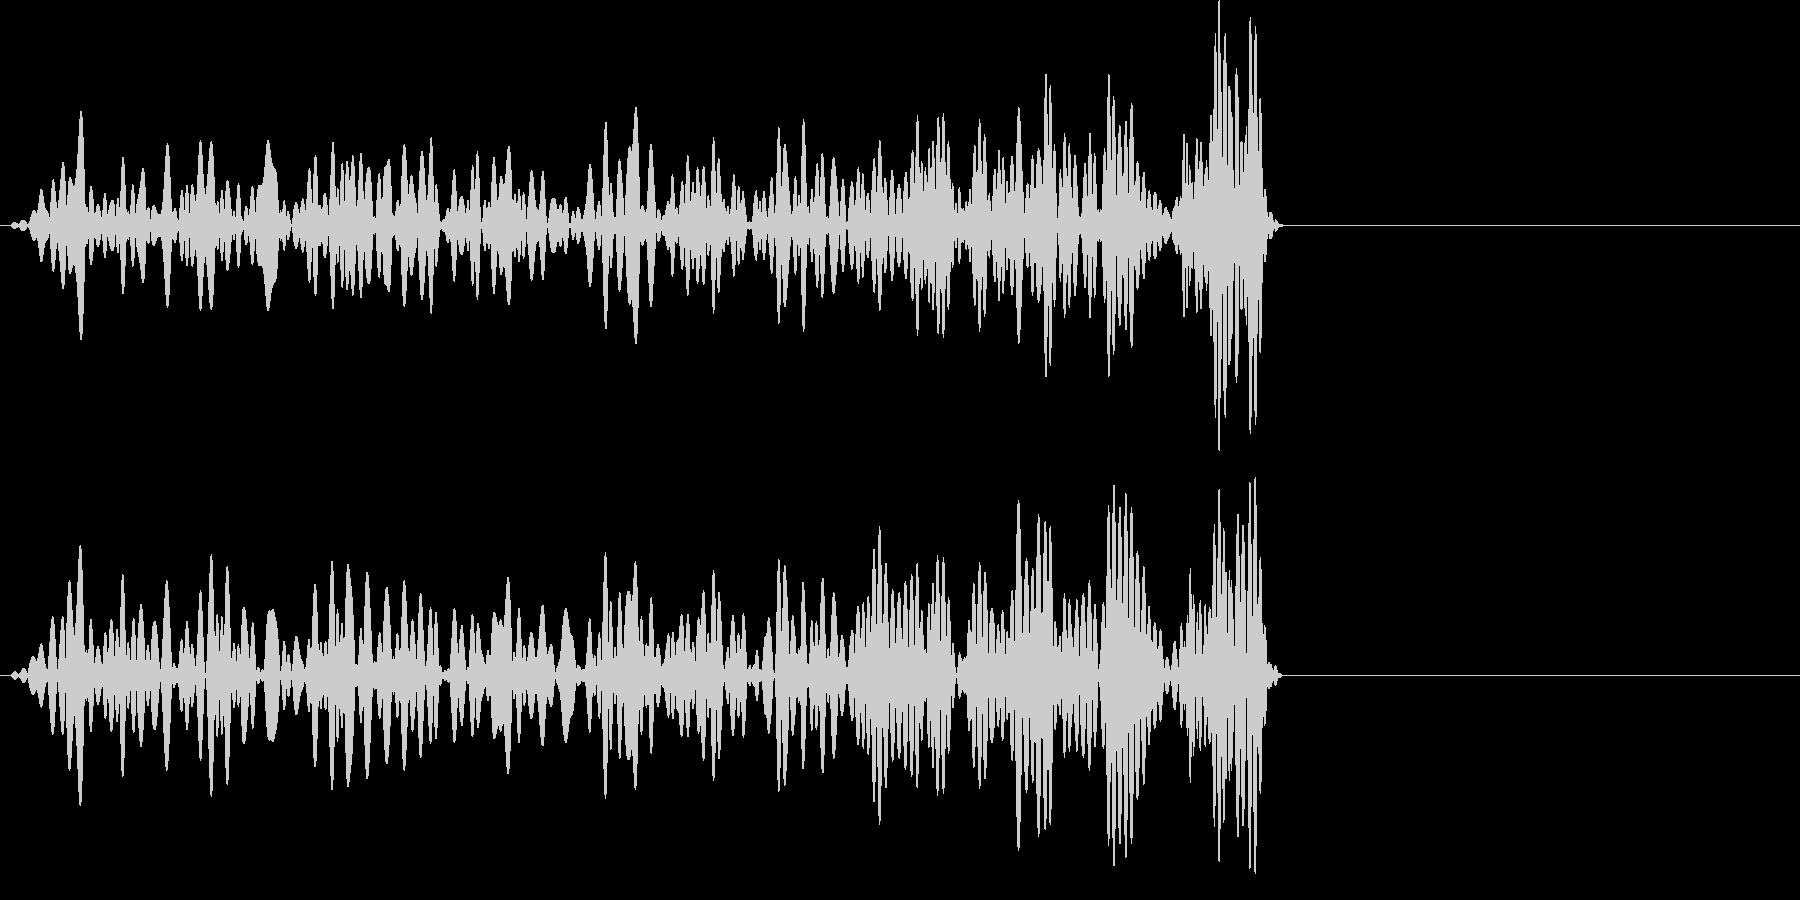 ゴゴゴゴゴッ (岩を動かす音)の未再生の波形